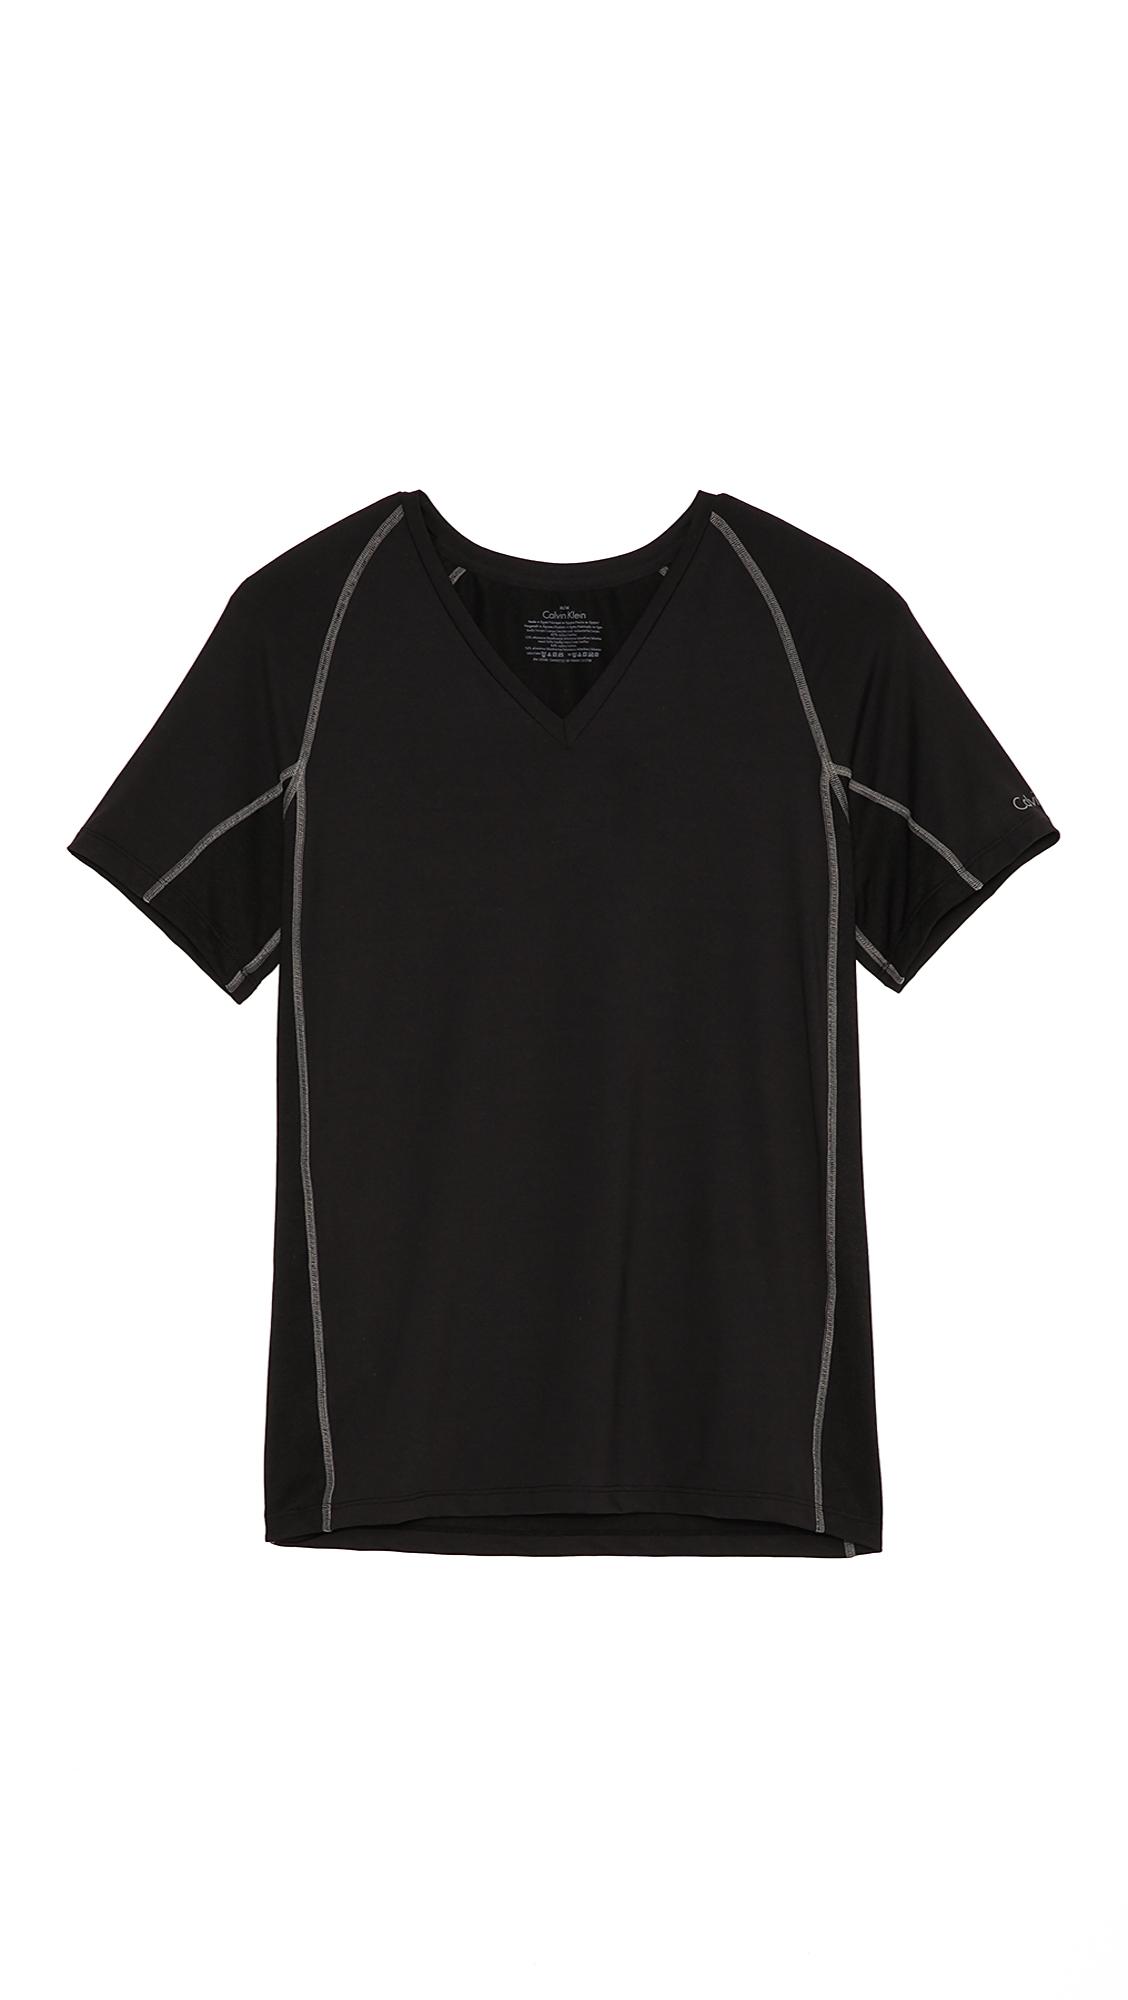 calvin klein performance v neck t shirt in black for men. Black Bedroom Furniture Sets. Home Design Ideas